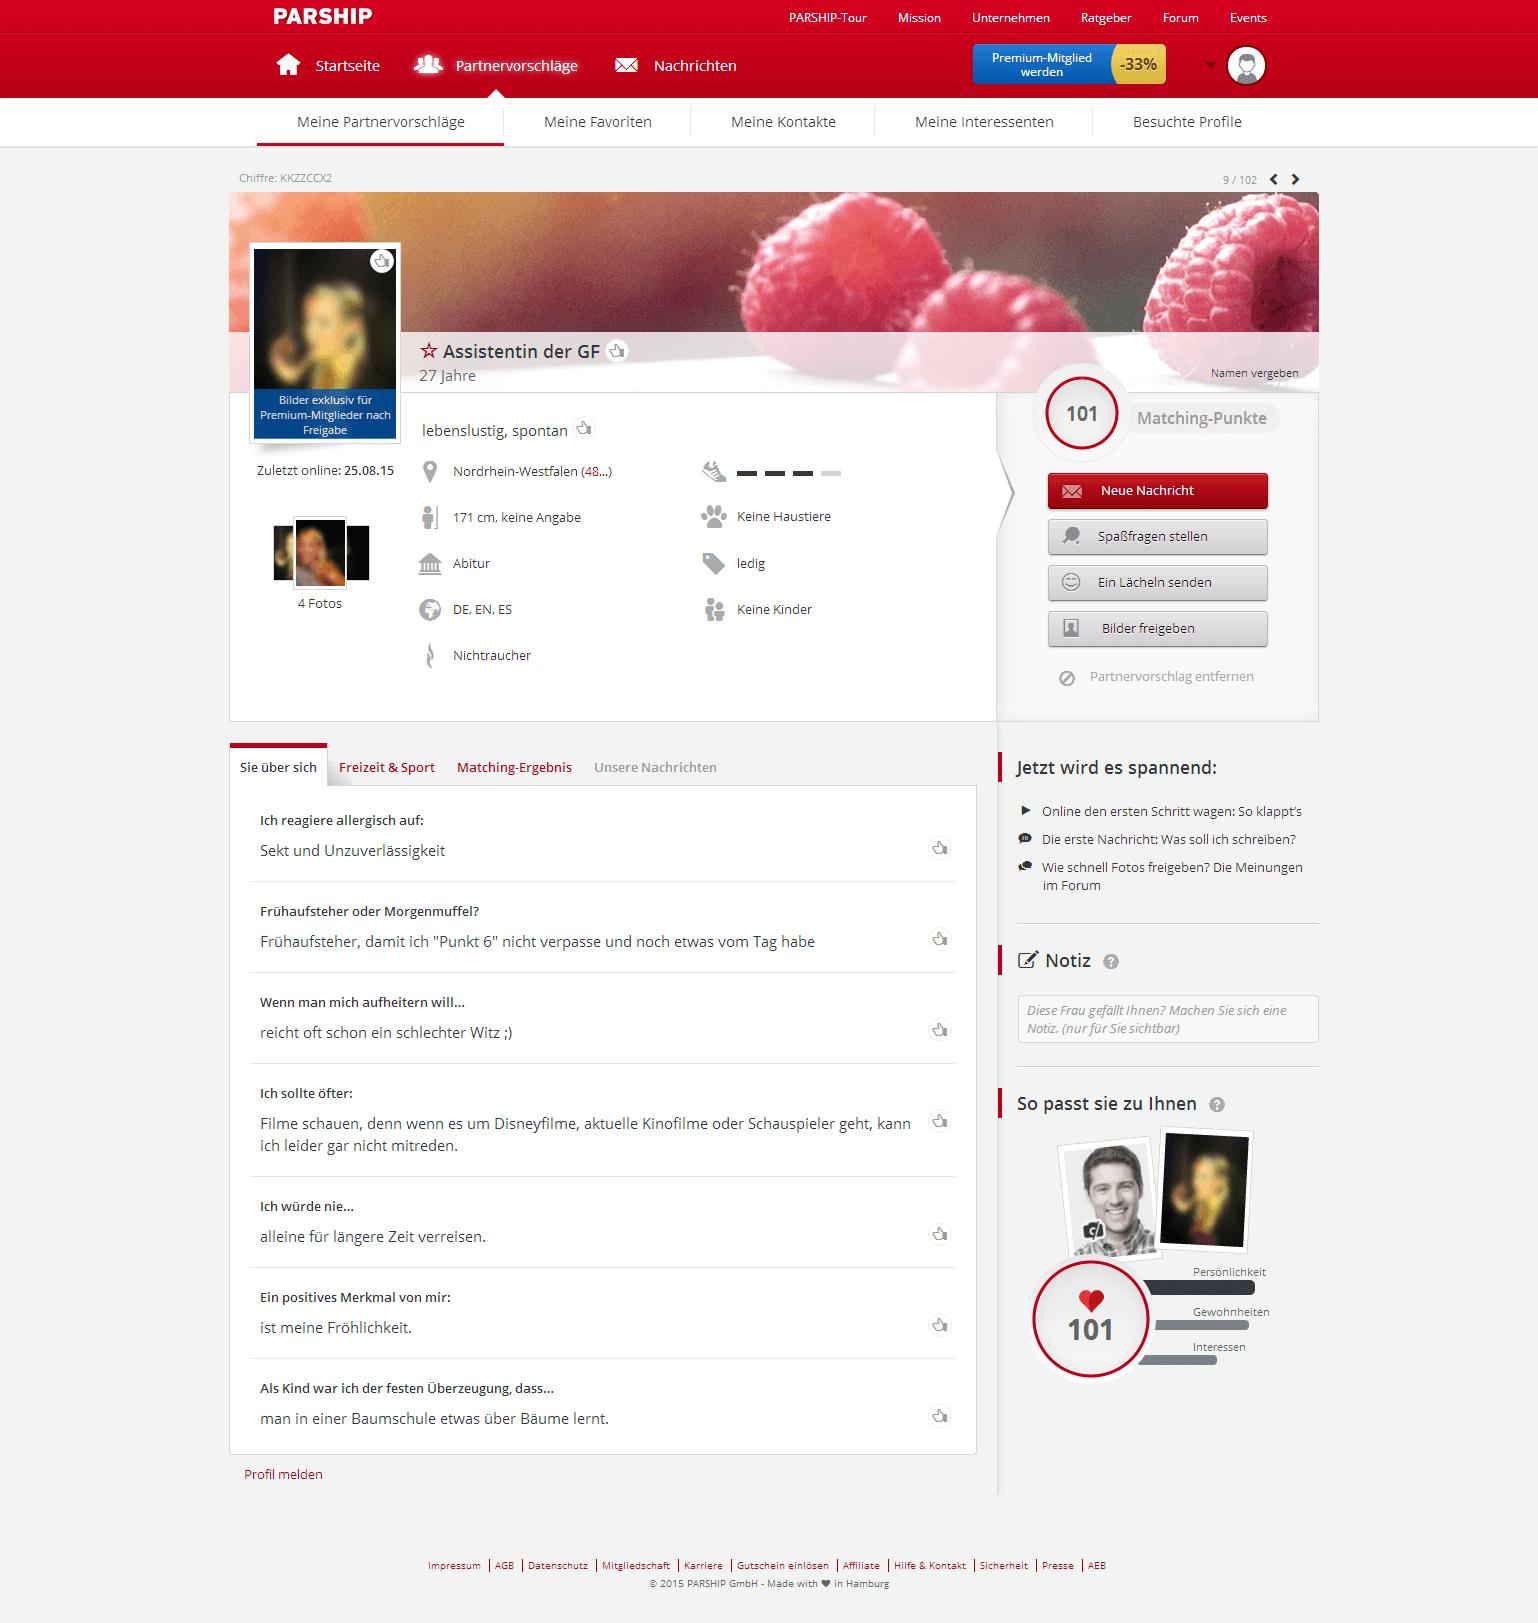 Profil Bei Parship Löschen